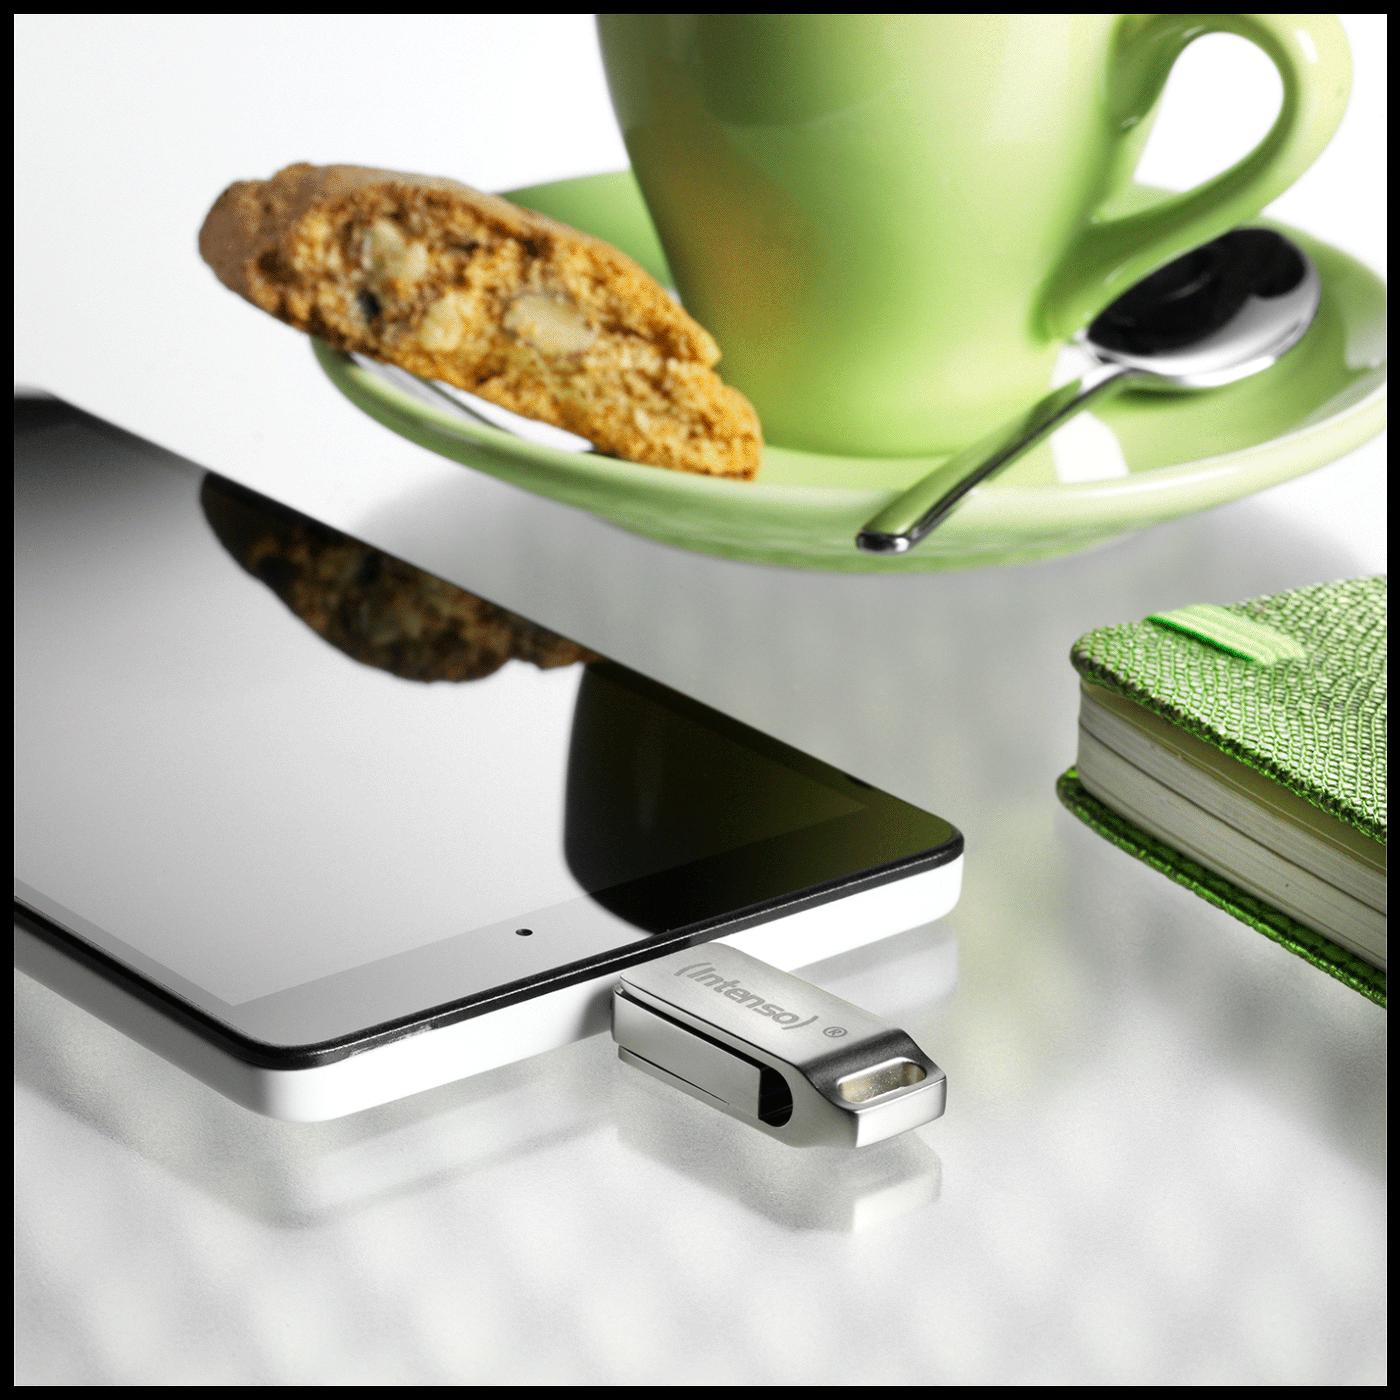 USB Flash drive 64GB Hi-Speed USB 3.0, Micro USB C port